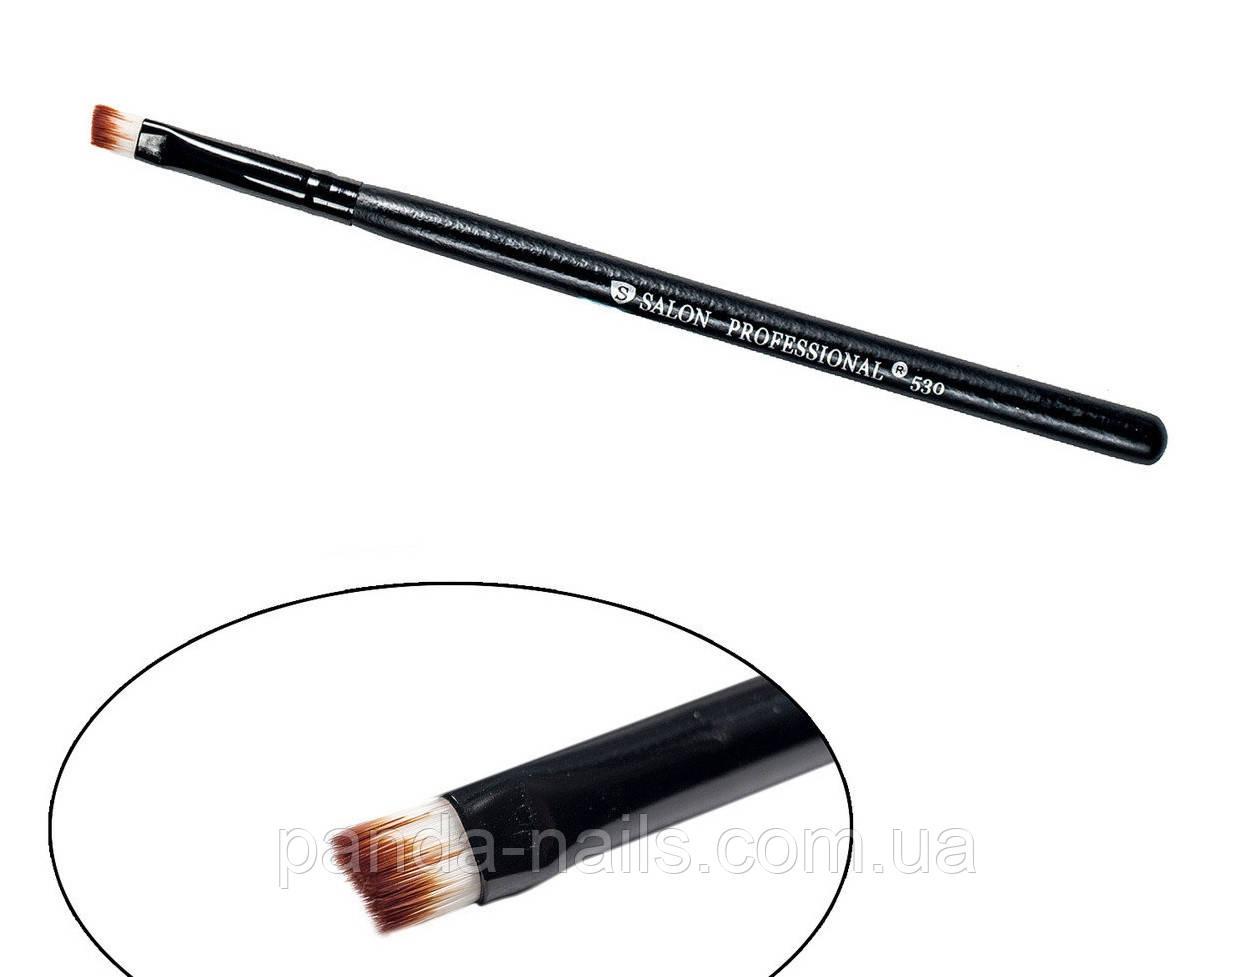 Кисть для прорисовки бровей Salon Professional 530